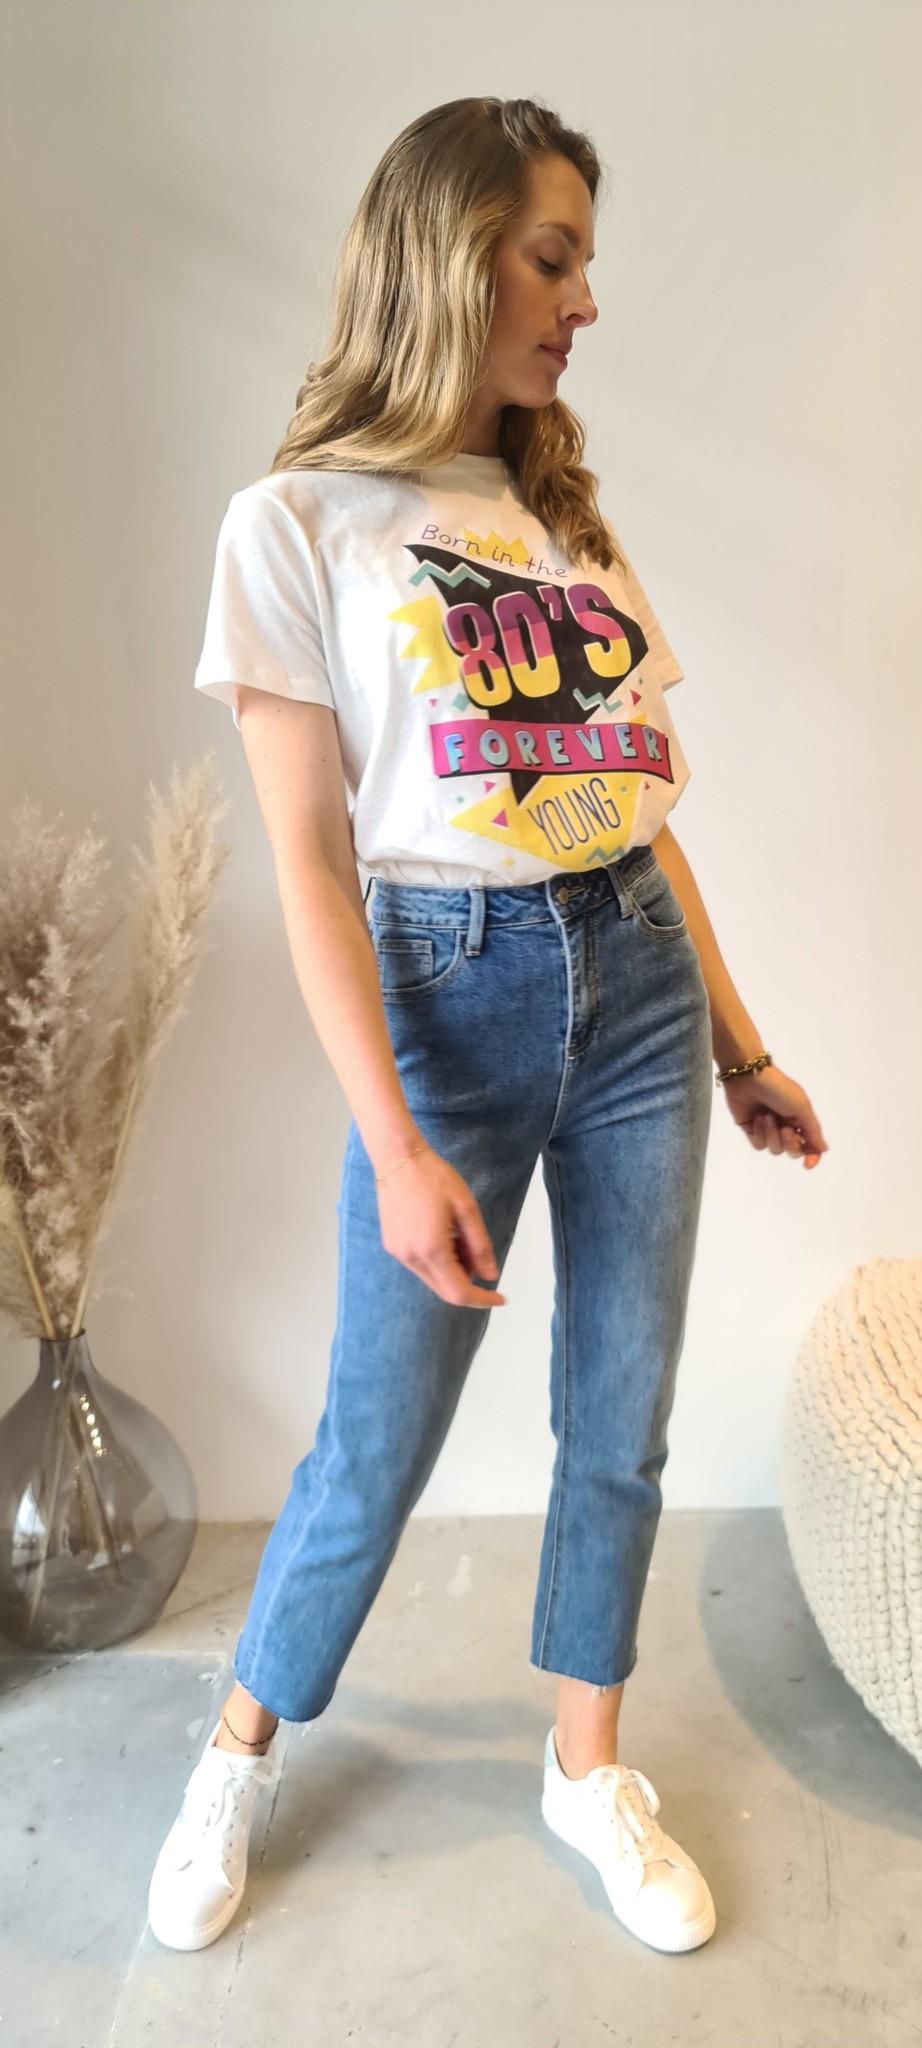 80'S FOREVER t-shirt-6